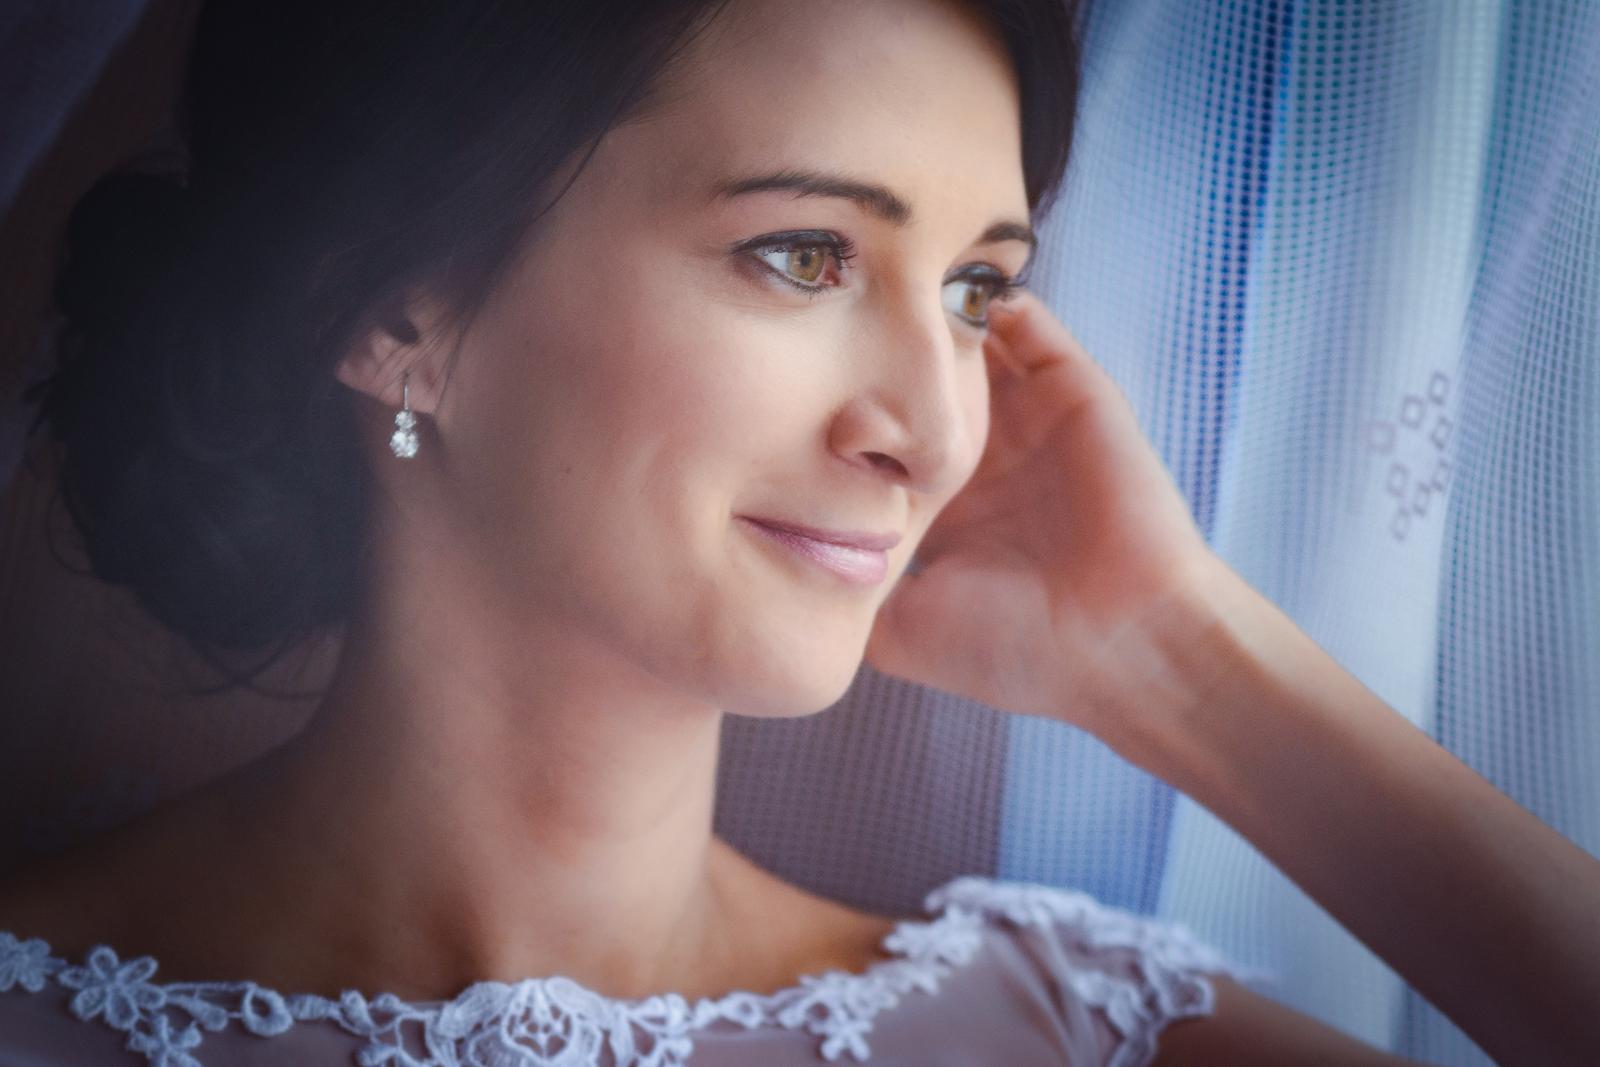 Svatební fotograf Karel Královec - kralovecphoto - Obrázek č. 30